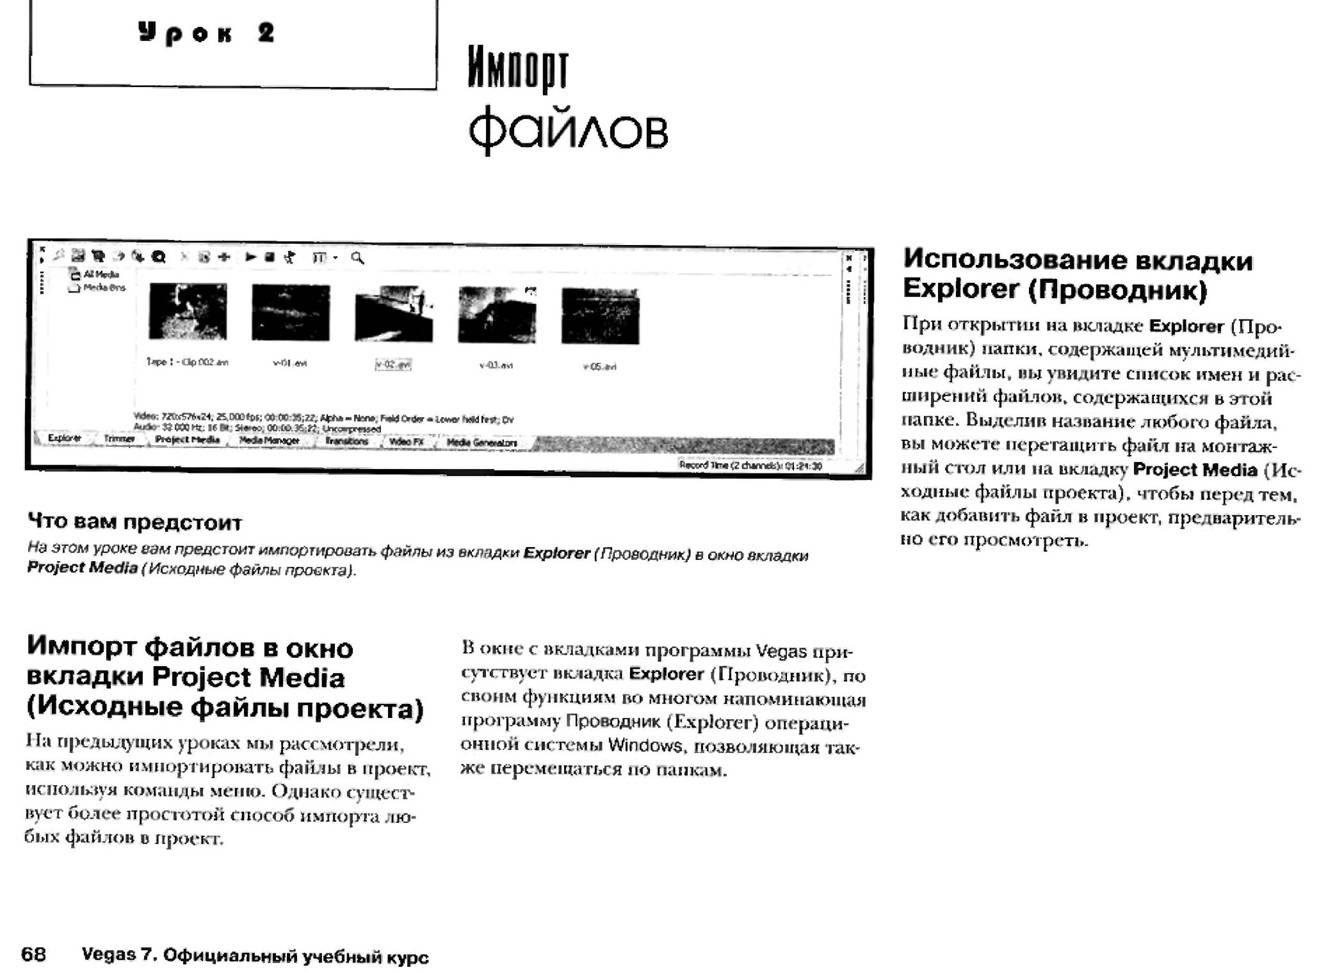 http://redaktori-uroki.3dn.ru/_ph/12/876290134.jpg